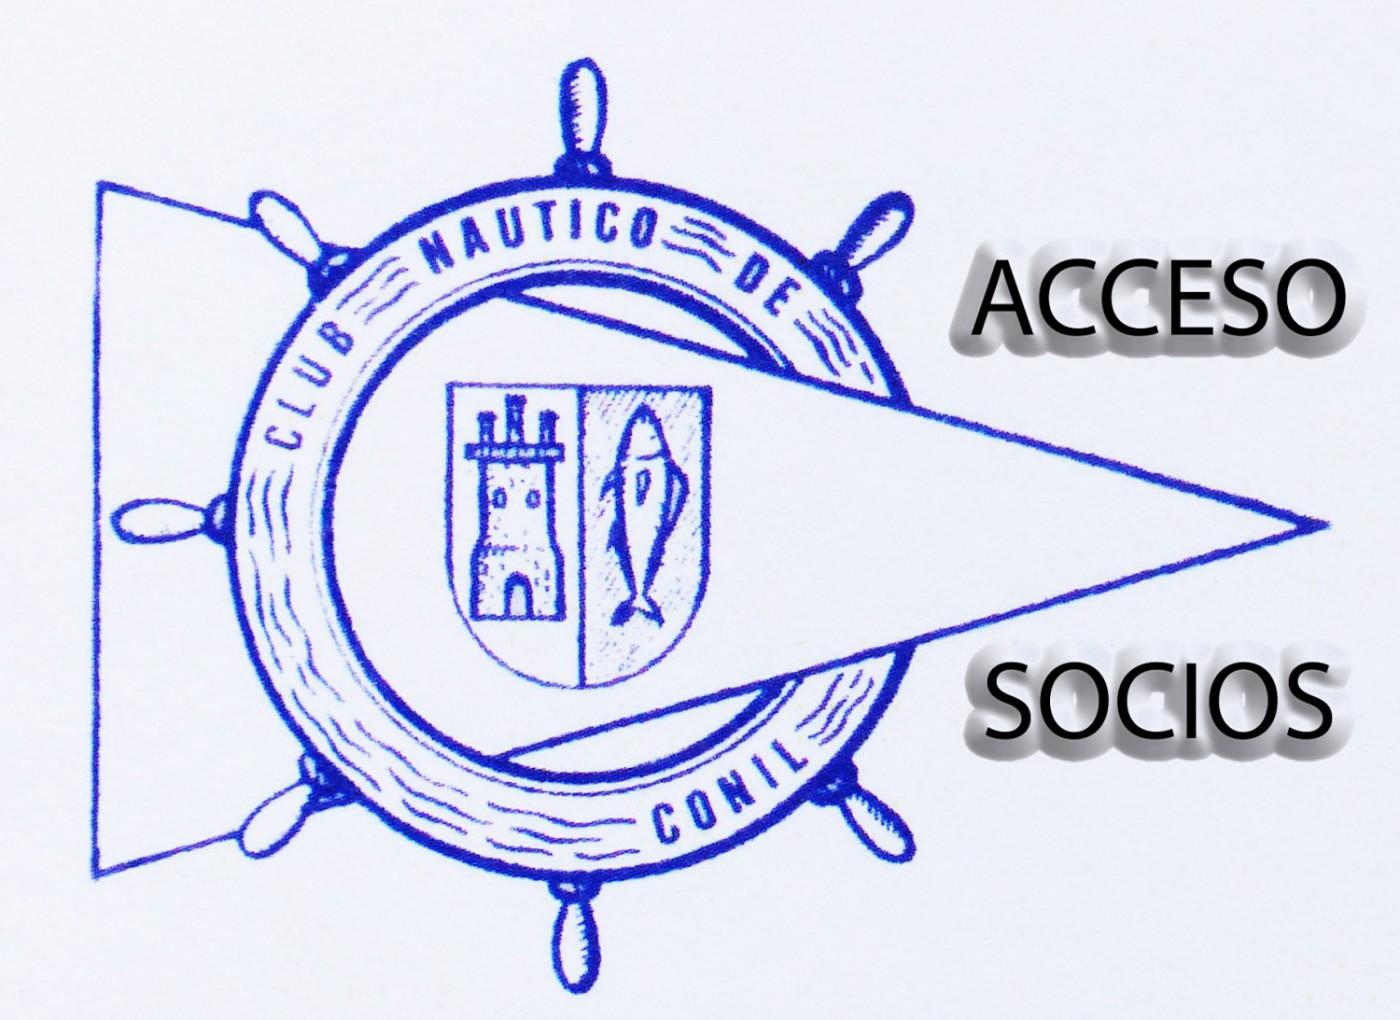 Acceso Solo para Socios